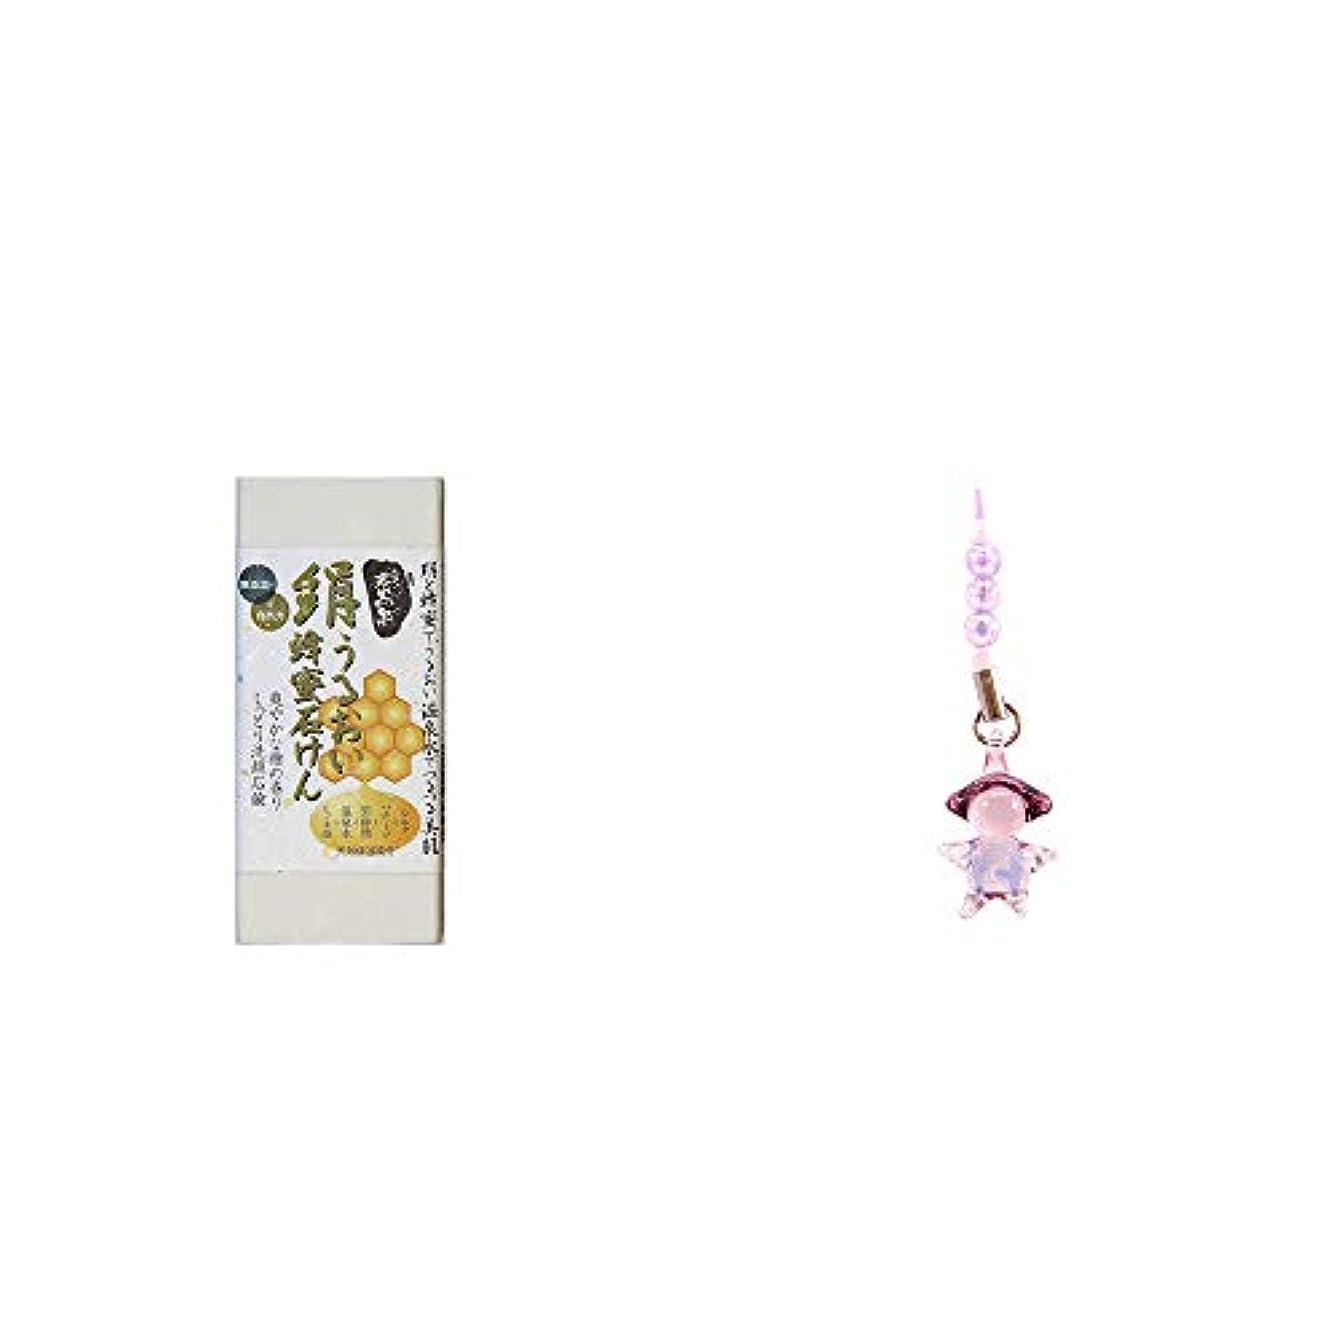 [2点セット] ひのき炭黒泉 絹うるおい蜂蜜石けん(75g×2)?ガラスのさるぼぼ 手作りキーホルダー 【紫】 /出世運?健やかな長寿祈願?トップを目指す?魔除け//